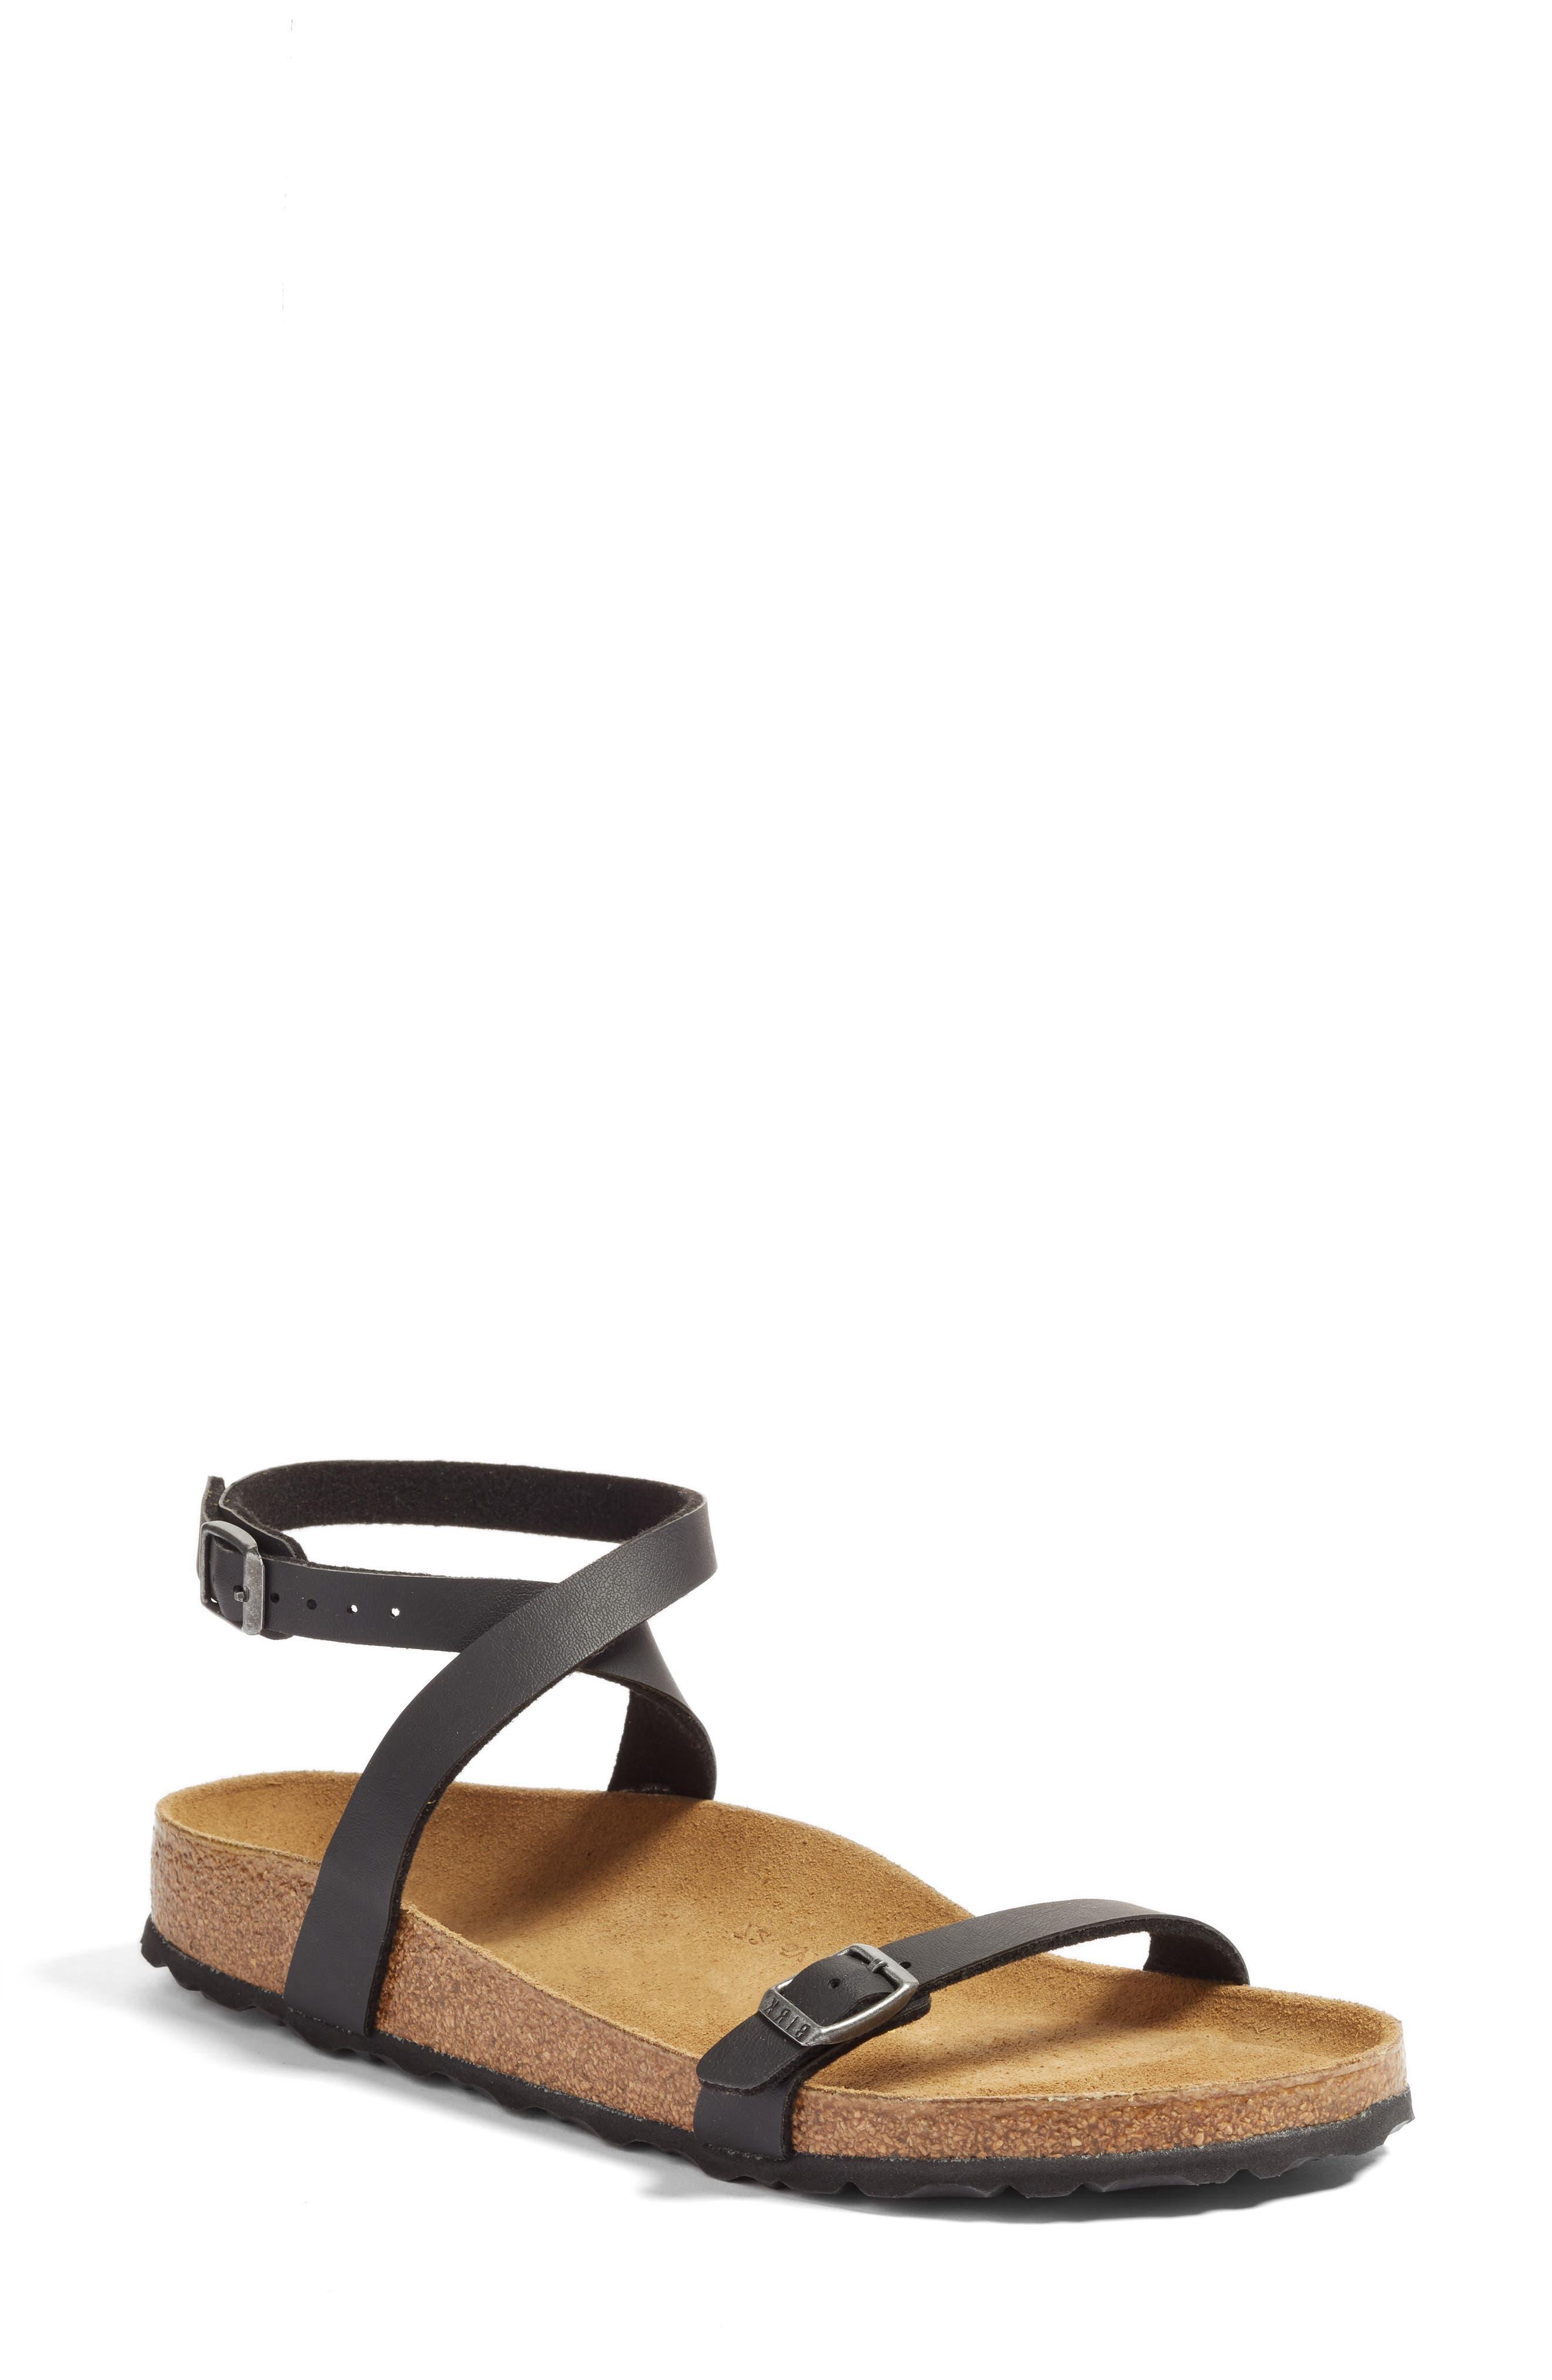 Birkenstock Daloa Ankle Strap Sandal, Black